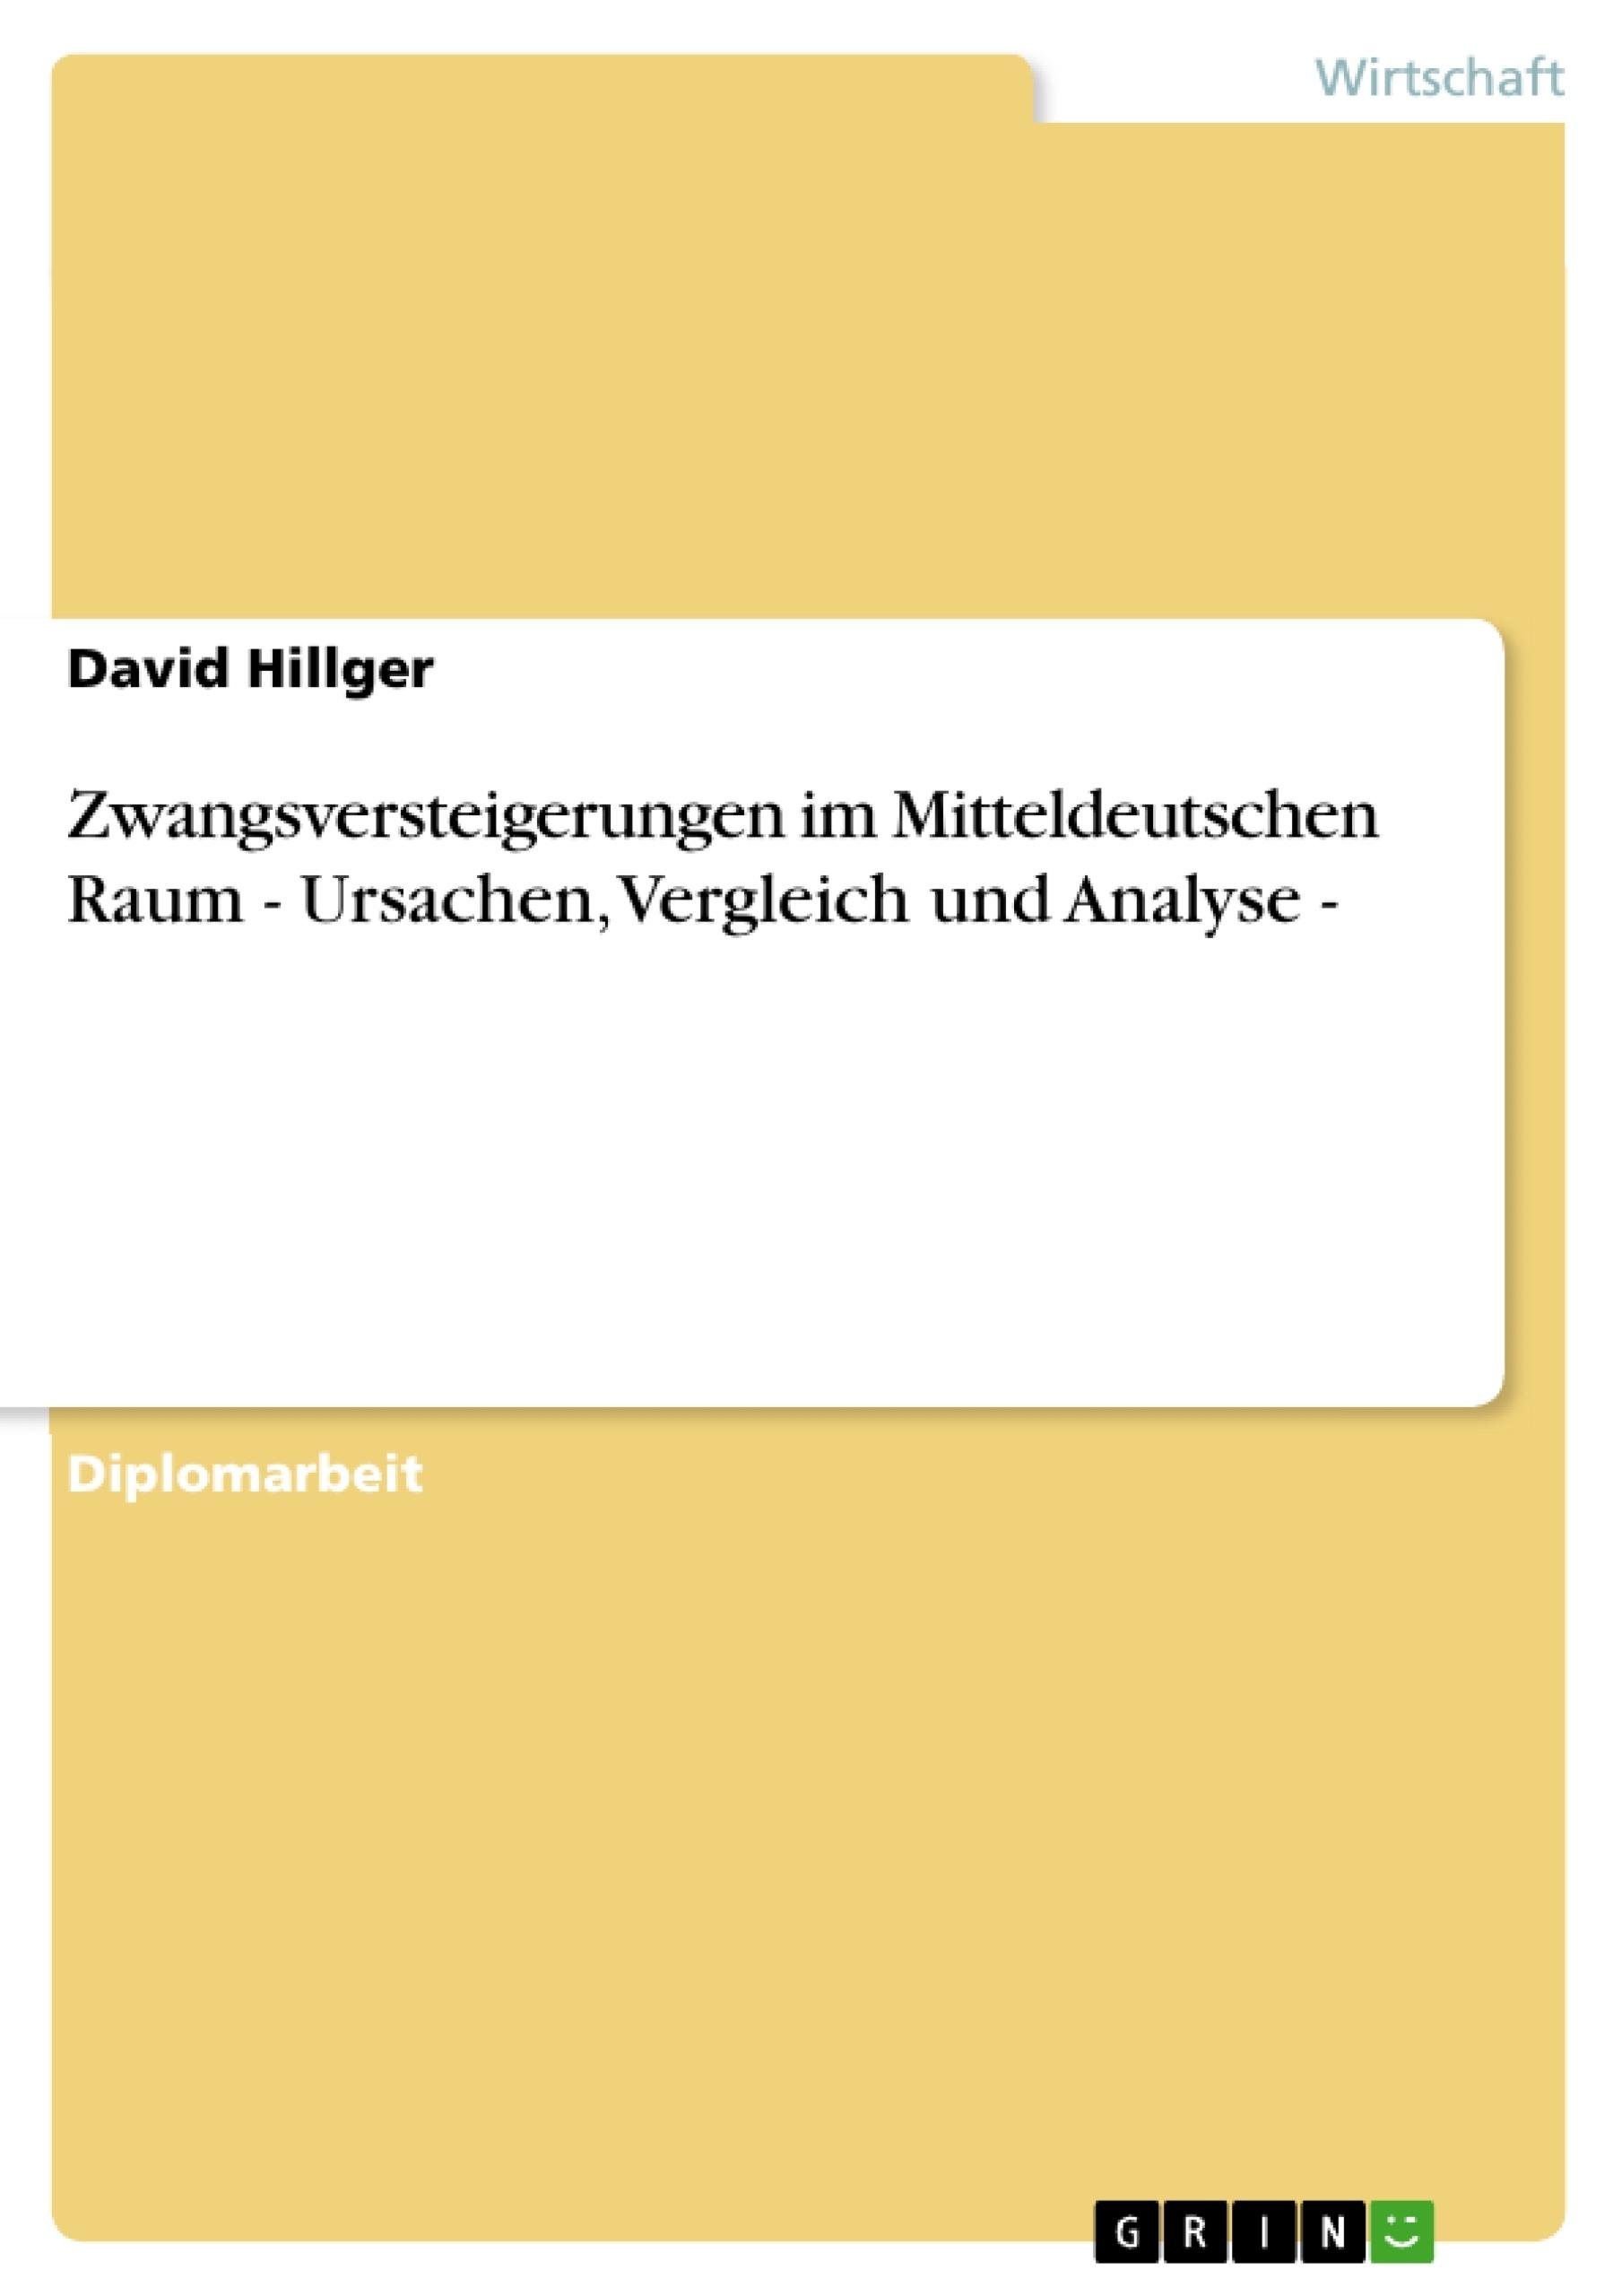 Titel: Zwangsversteigerungen im Mitteldeutschen Raum - Ursachen, Vergleich und Analyse -